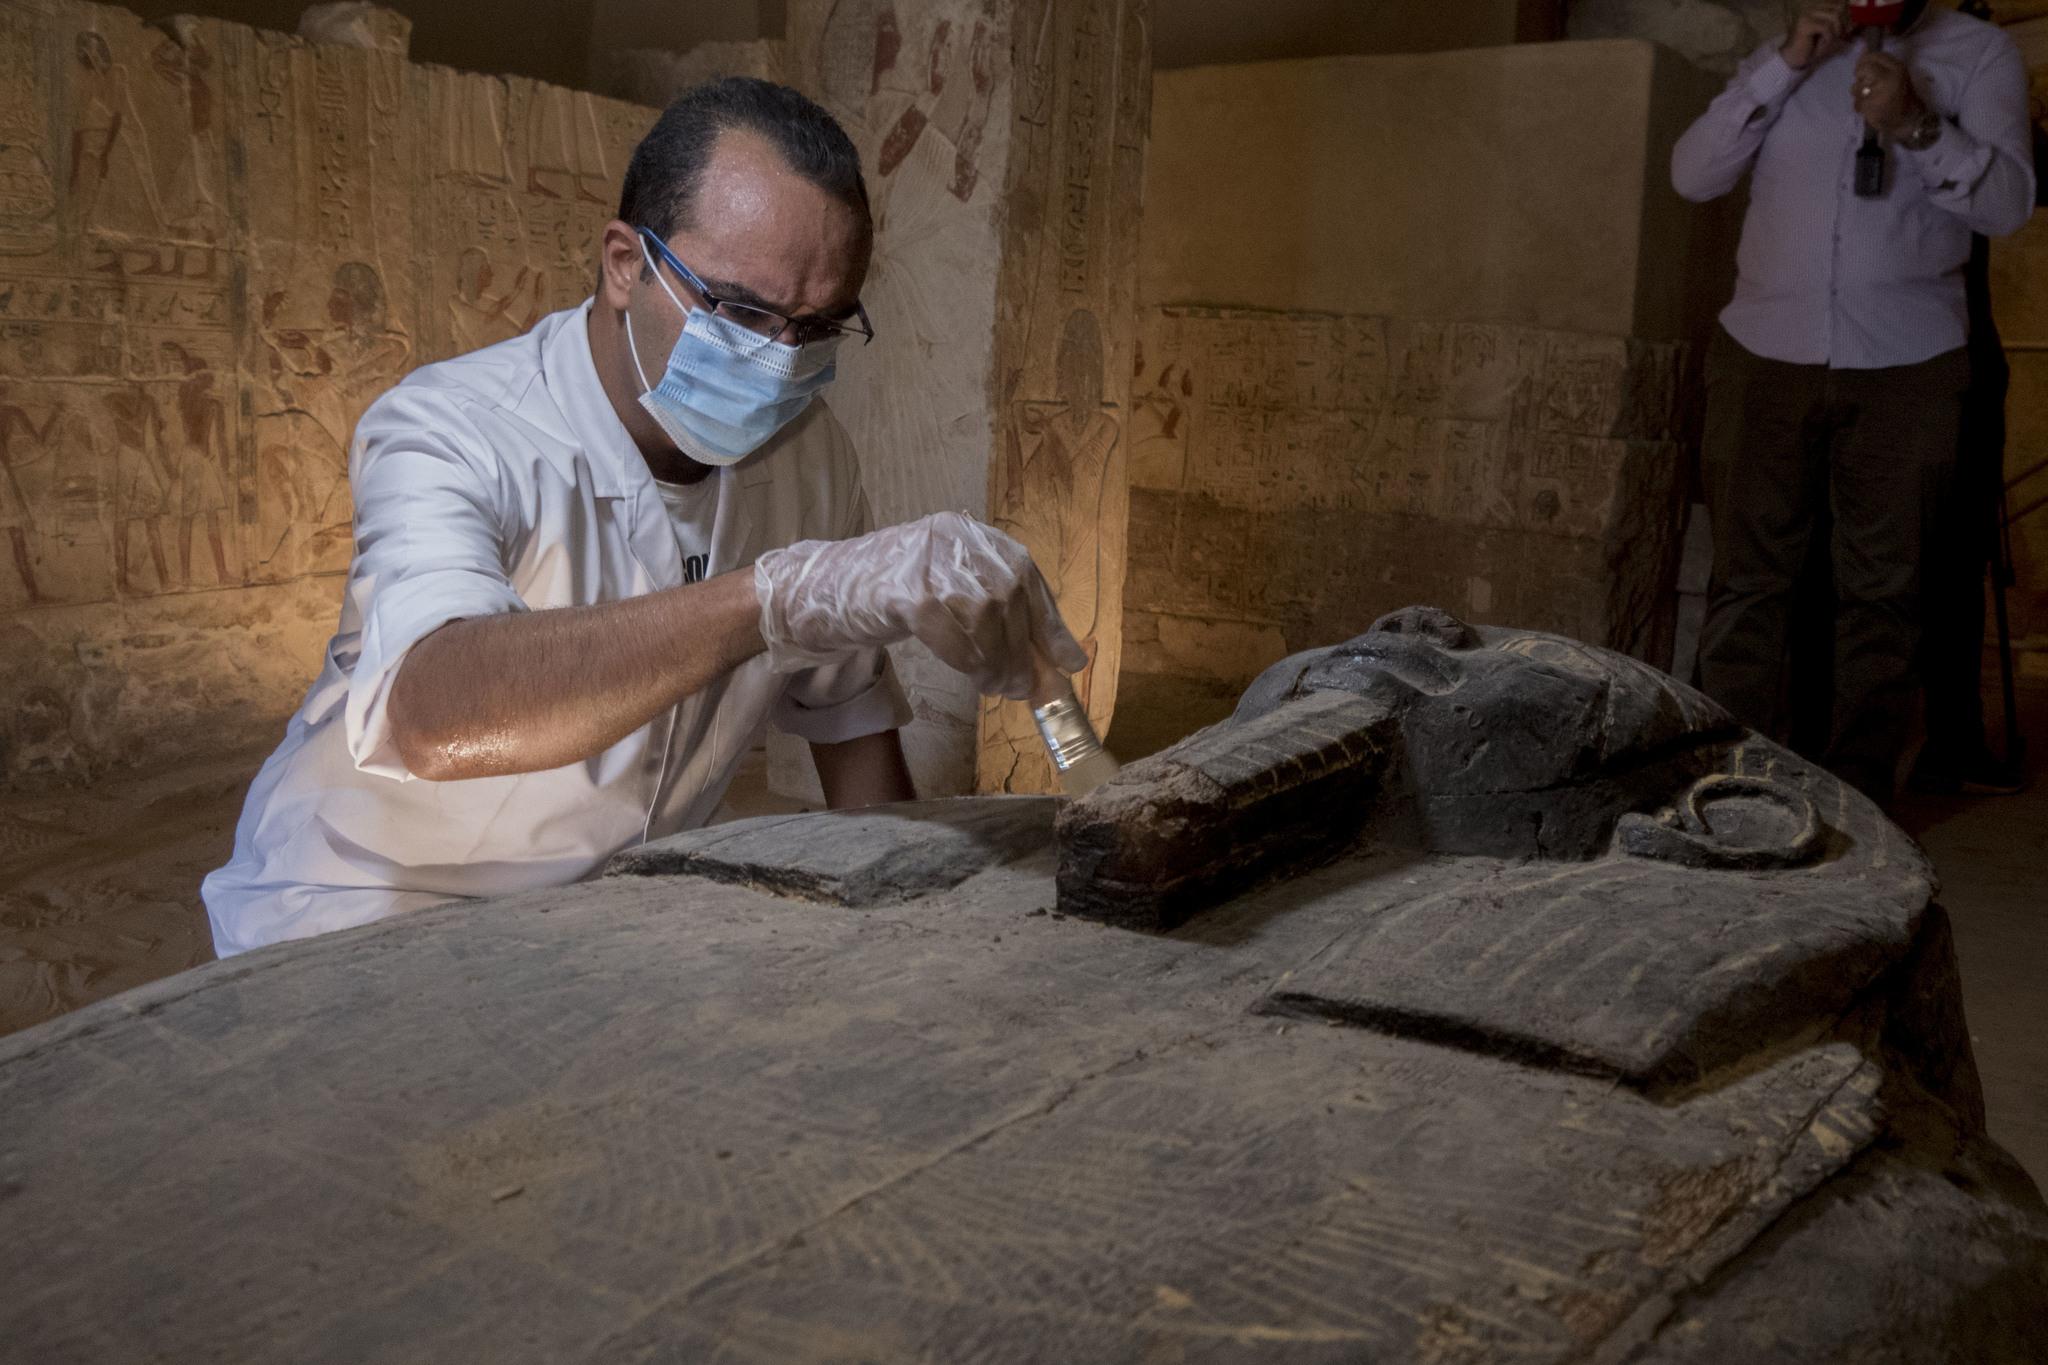 Un investigador restaurado una de las momias halladas